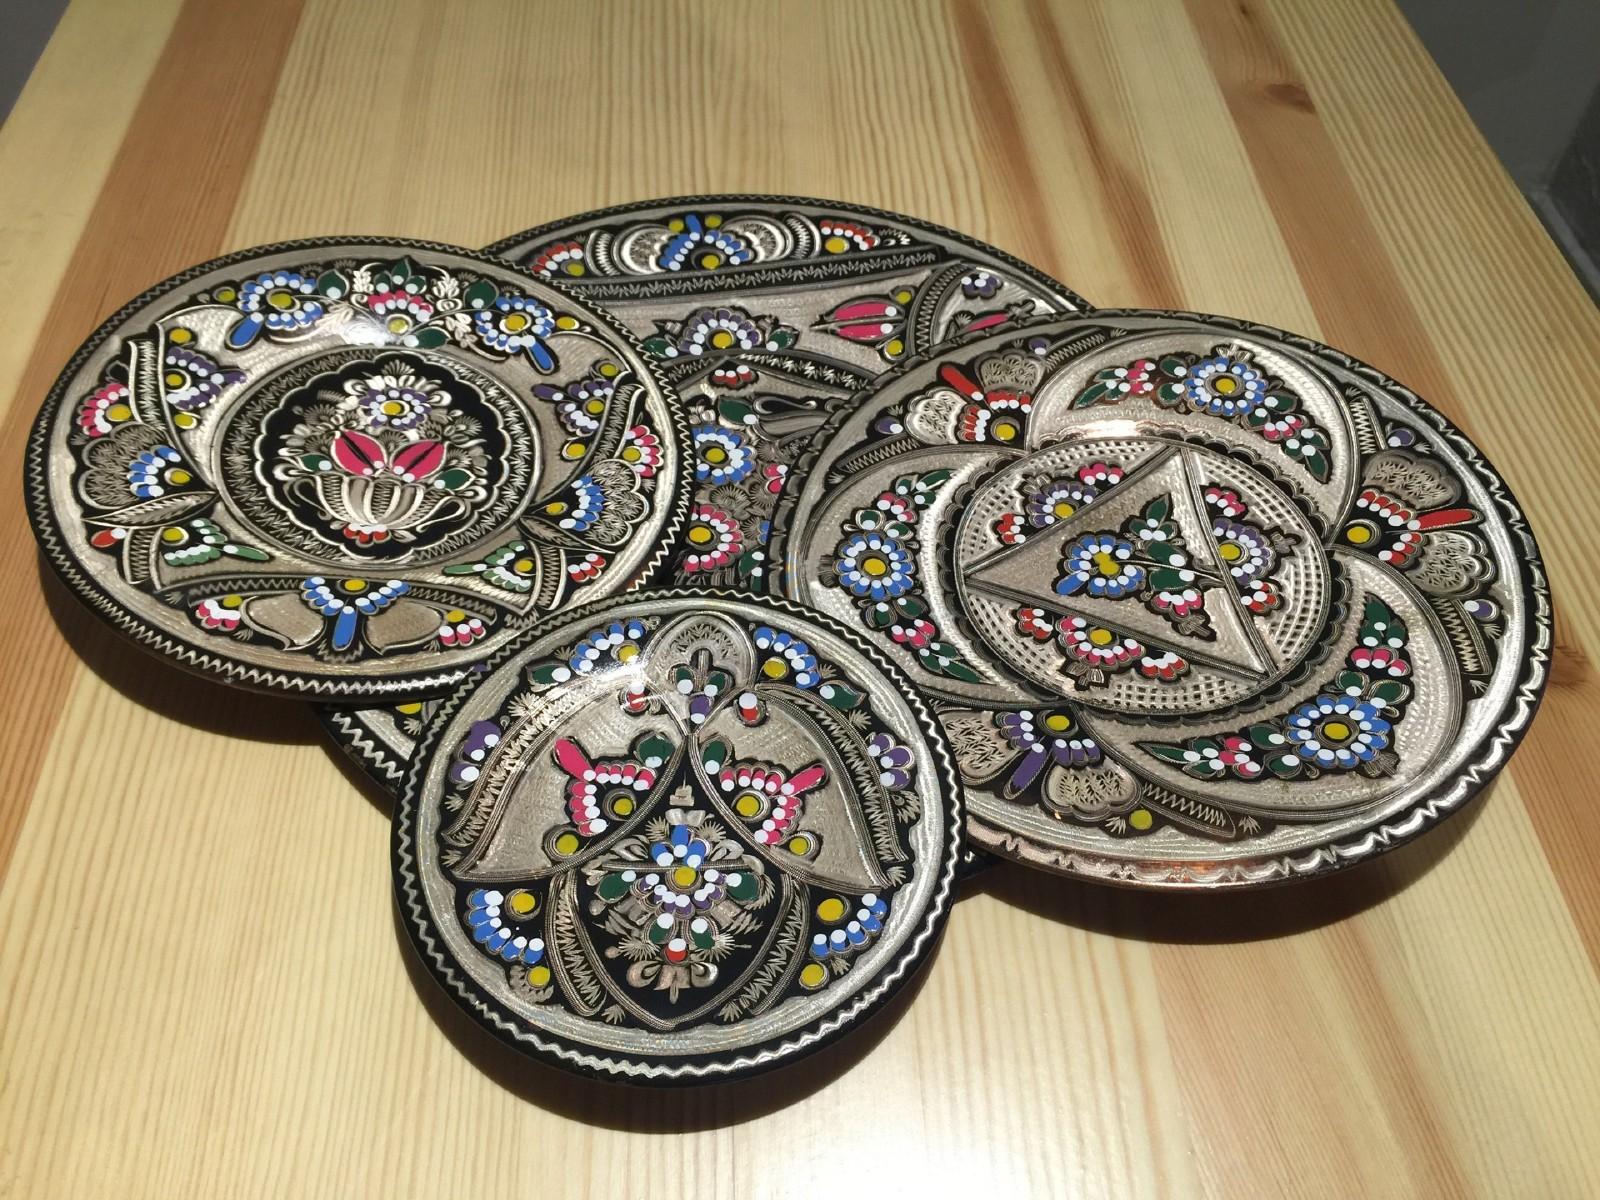 土耳其精品工艺彩盘 家居装饰 摆件图片七